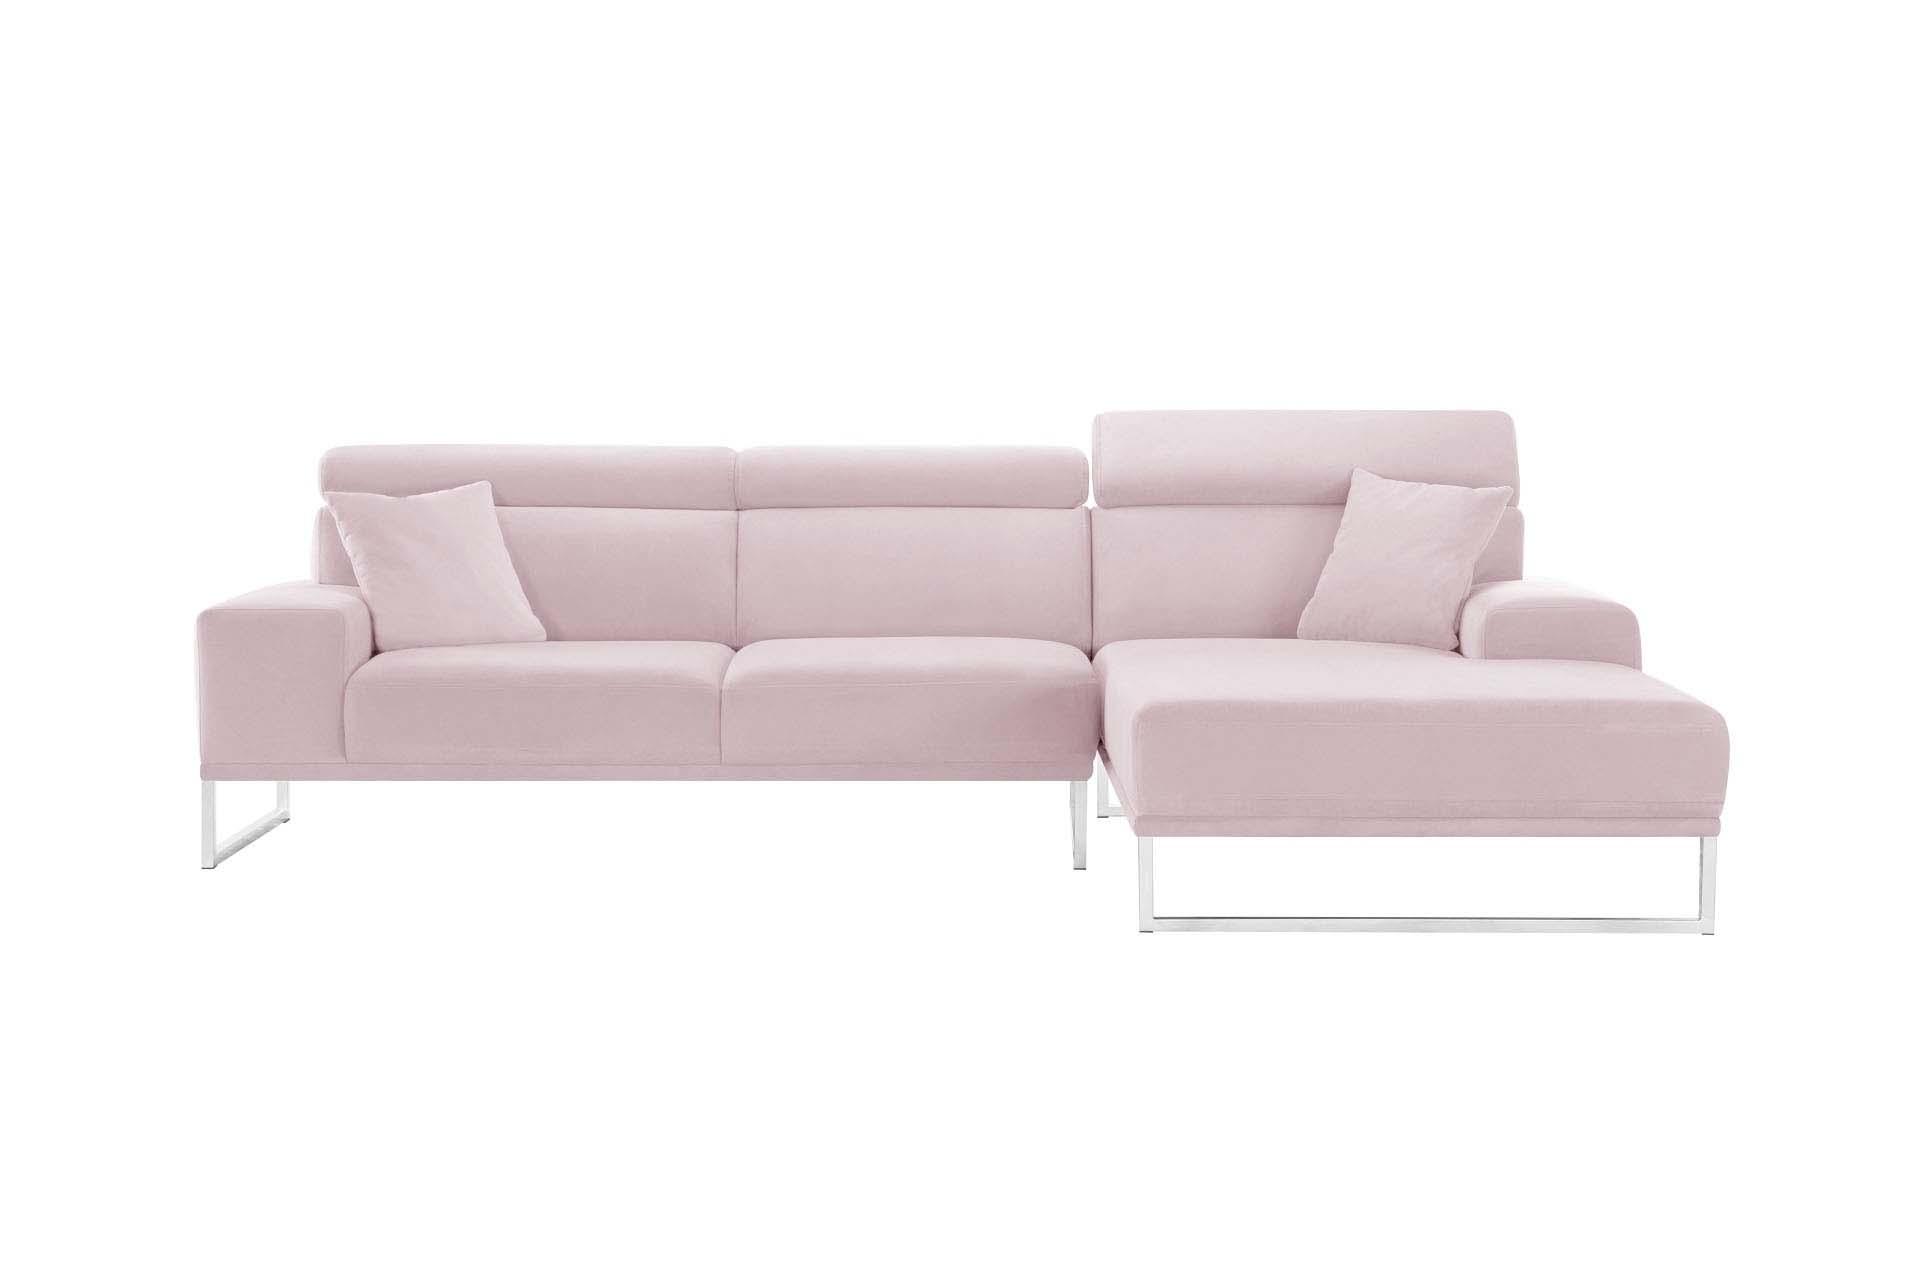 Canapé d'angle droit 5 places en velours rose pastel